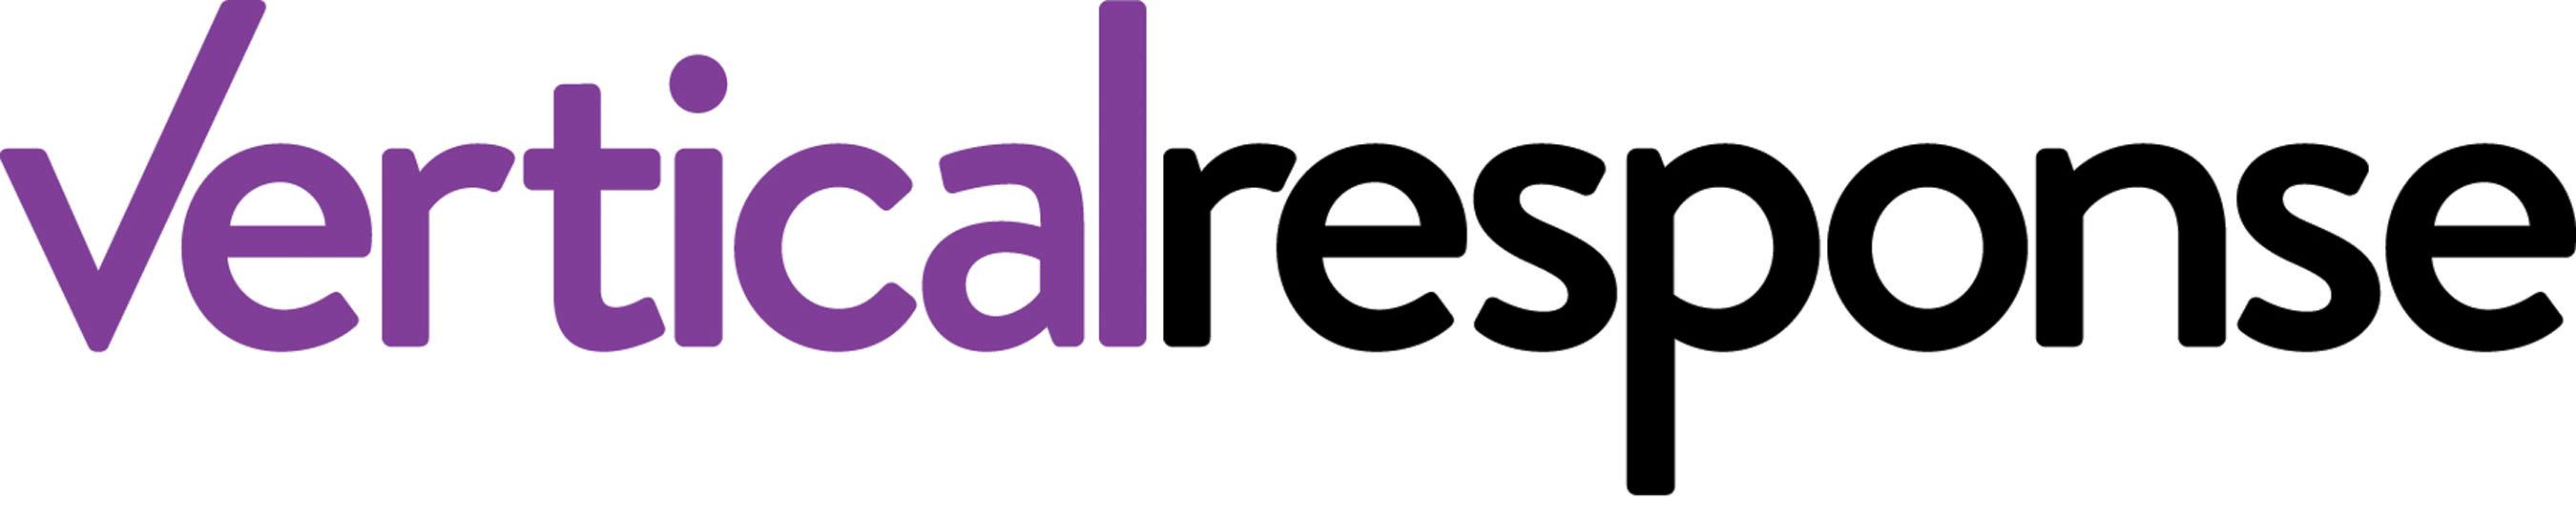 Verticalresponse company profile owler for Vertical response